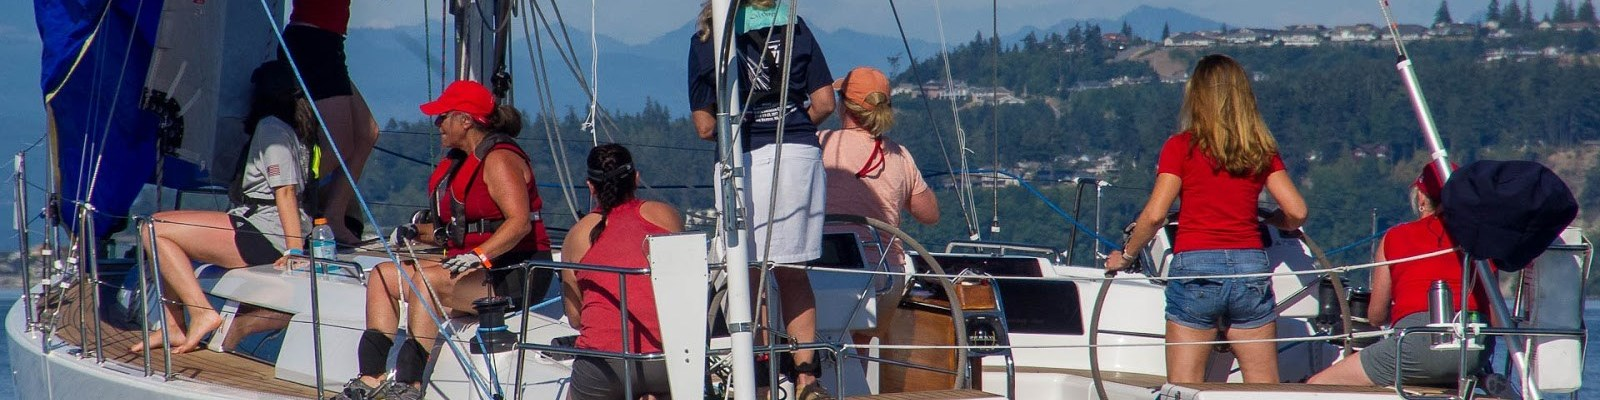 Yacht crew cheering